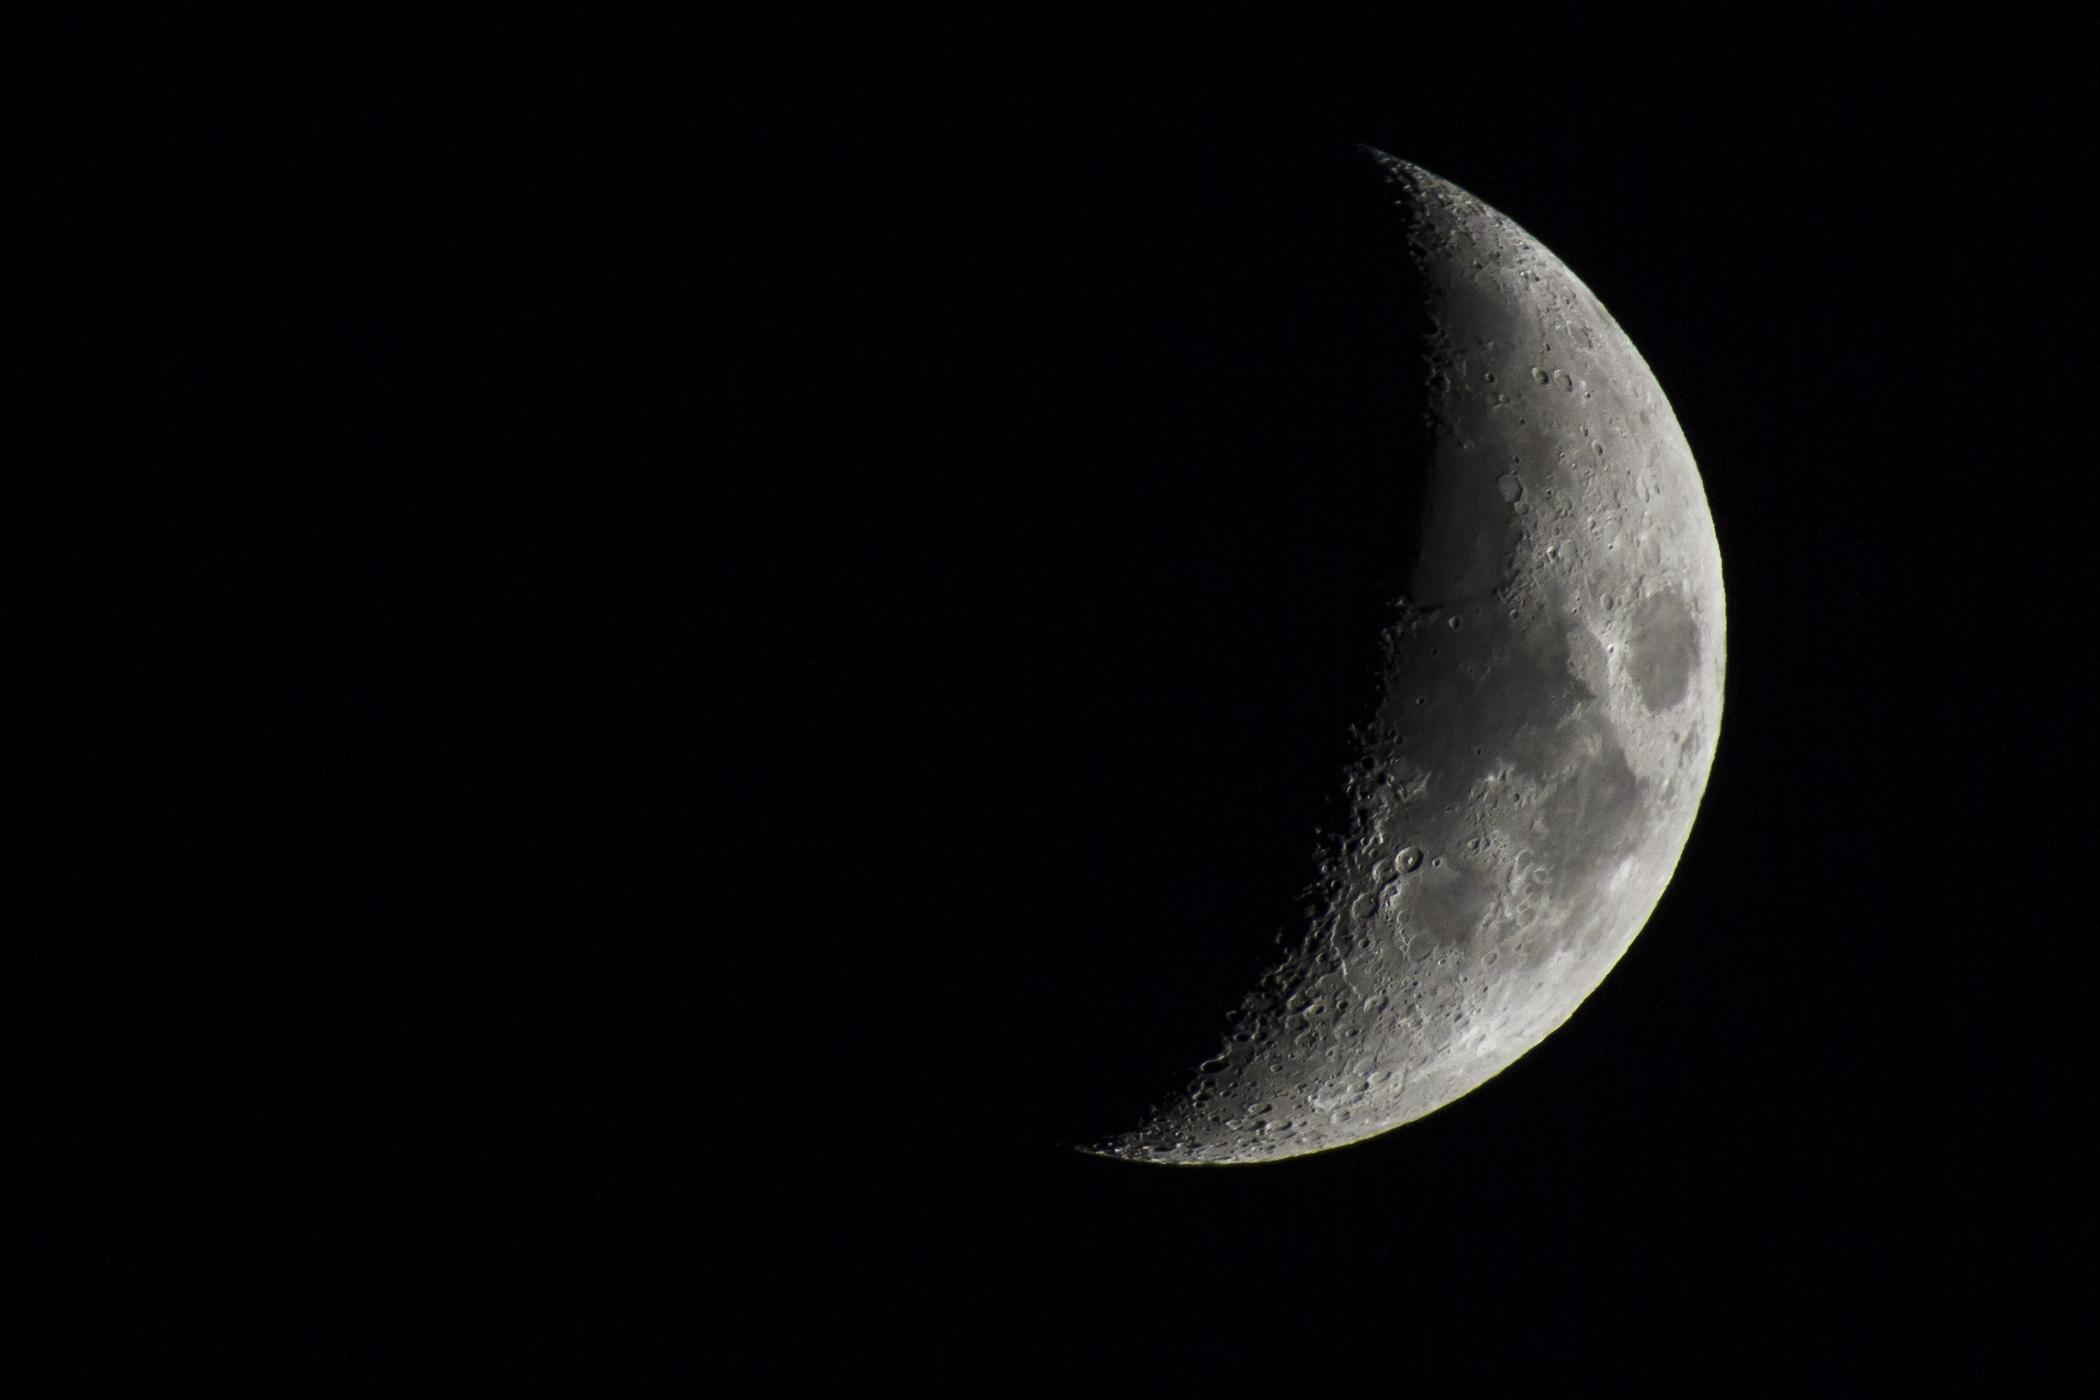 Hermosas im genes de la luna menguante para descargar for Fases de la luna hoy